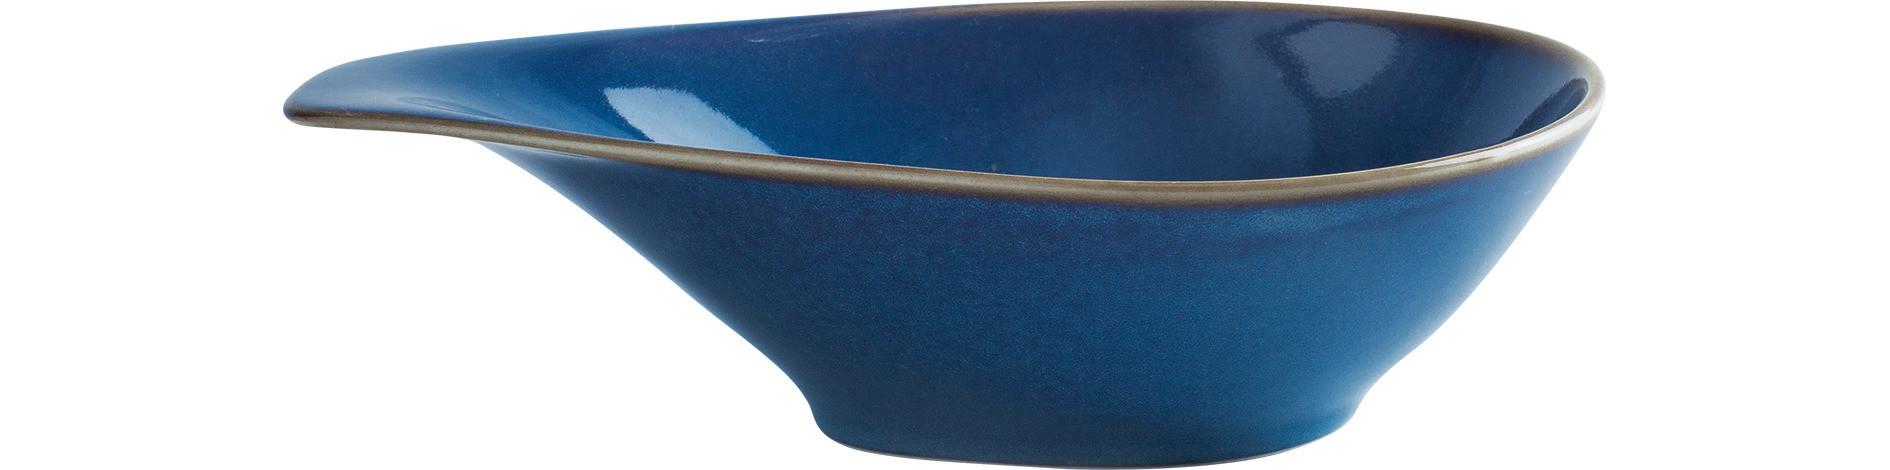 Homestyle, Schale mit Griff 237 x 162 mm / 0,60 l atlantic blue